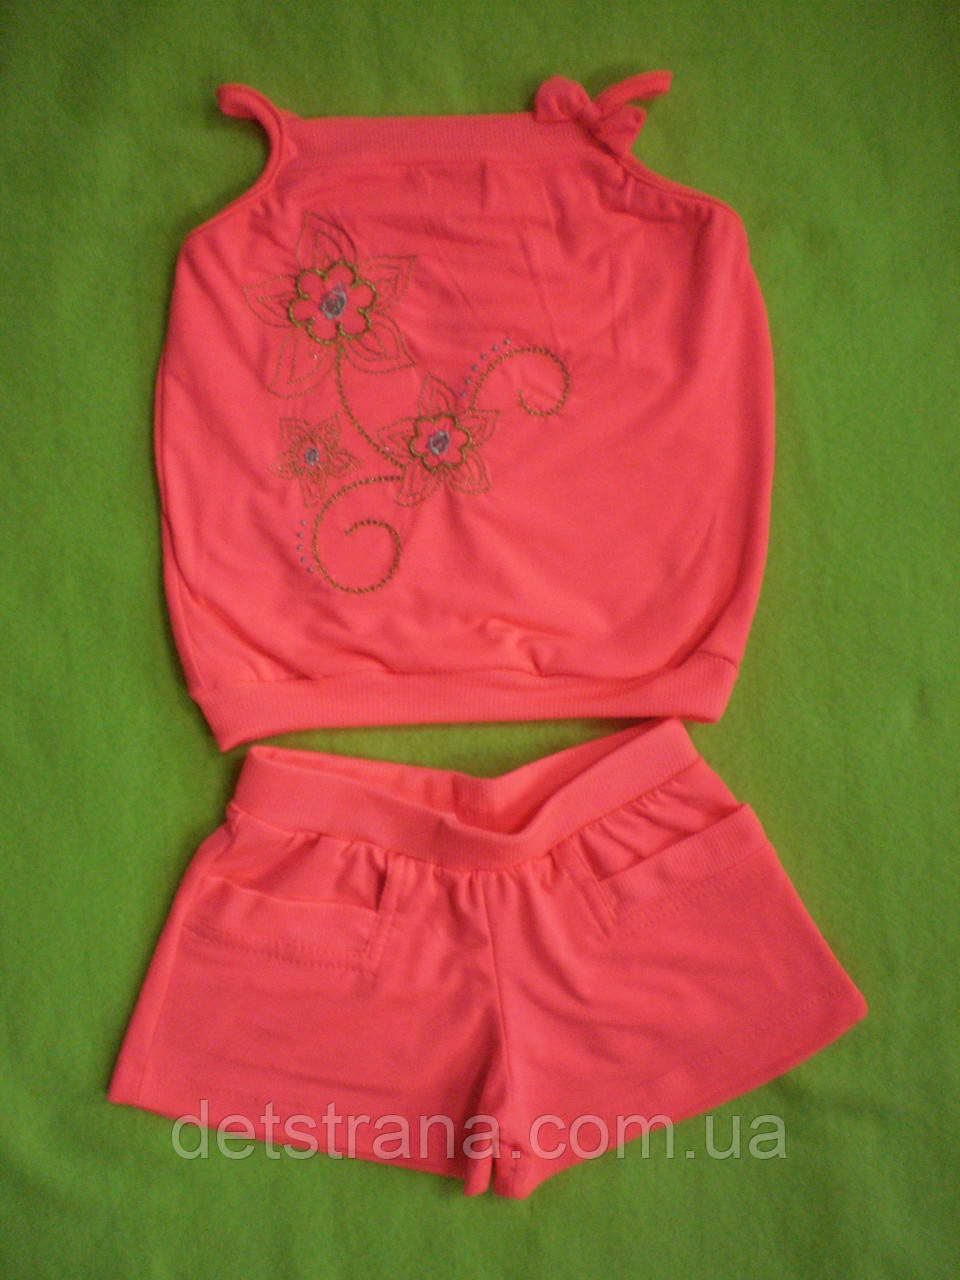 Летний костюм для девочки майка и шорты